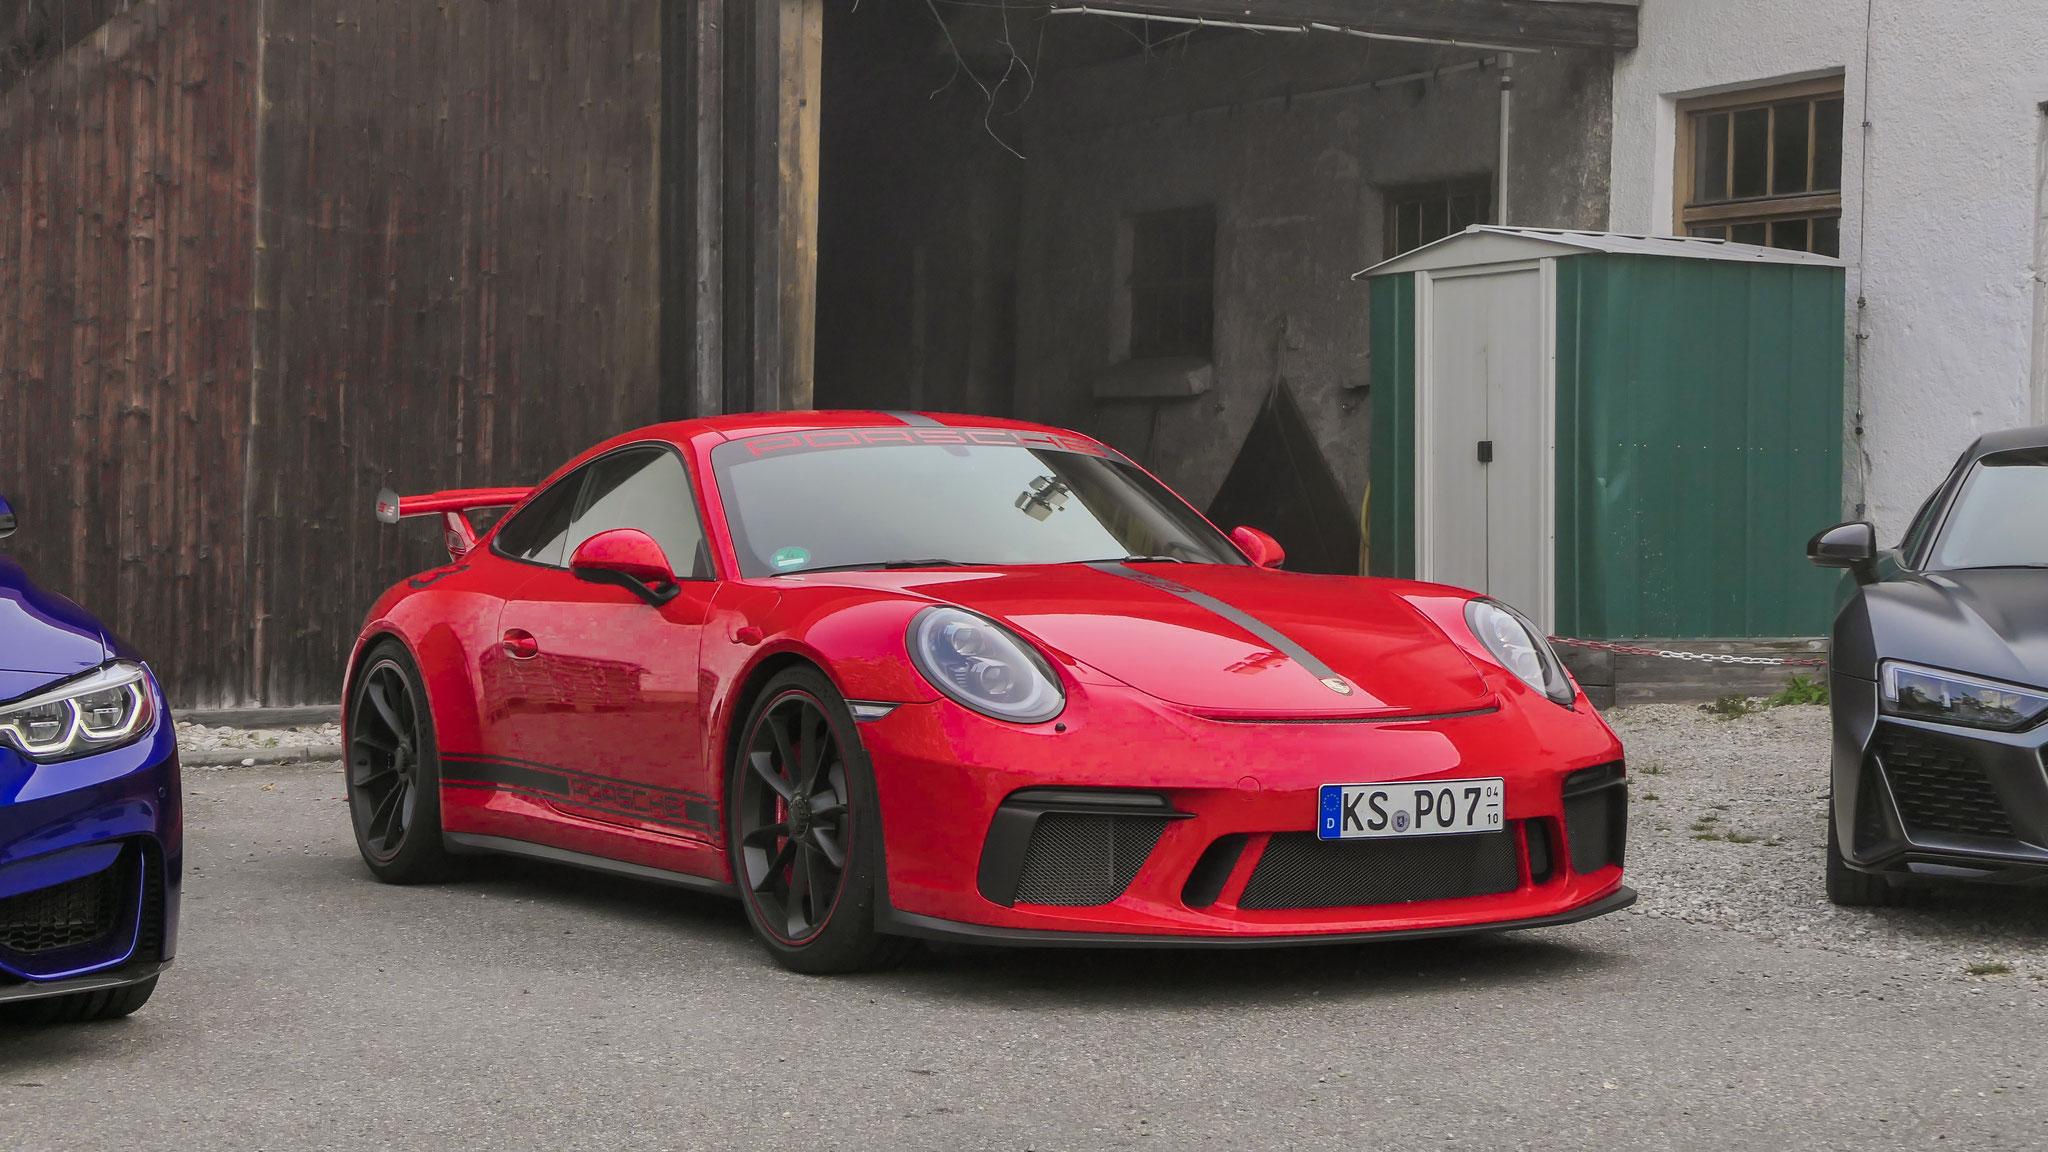 Porsche 991 GT3 - KS-PO-7